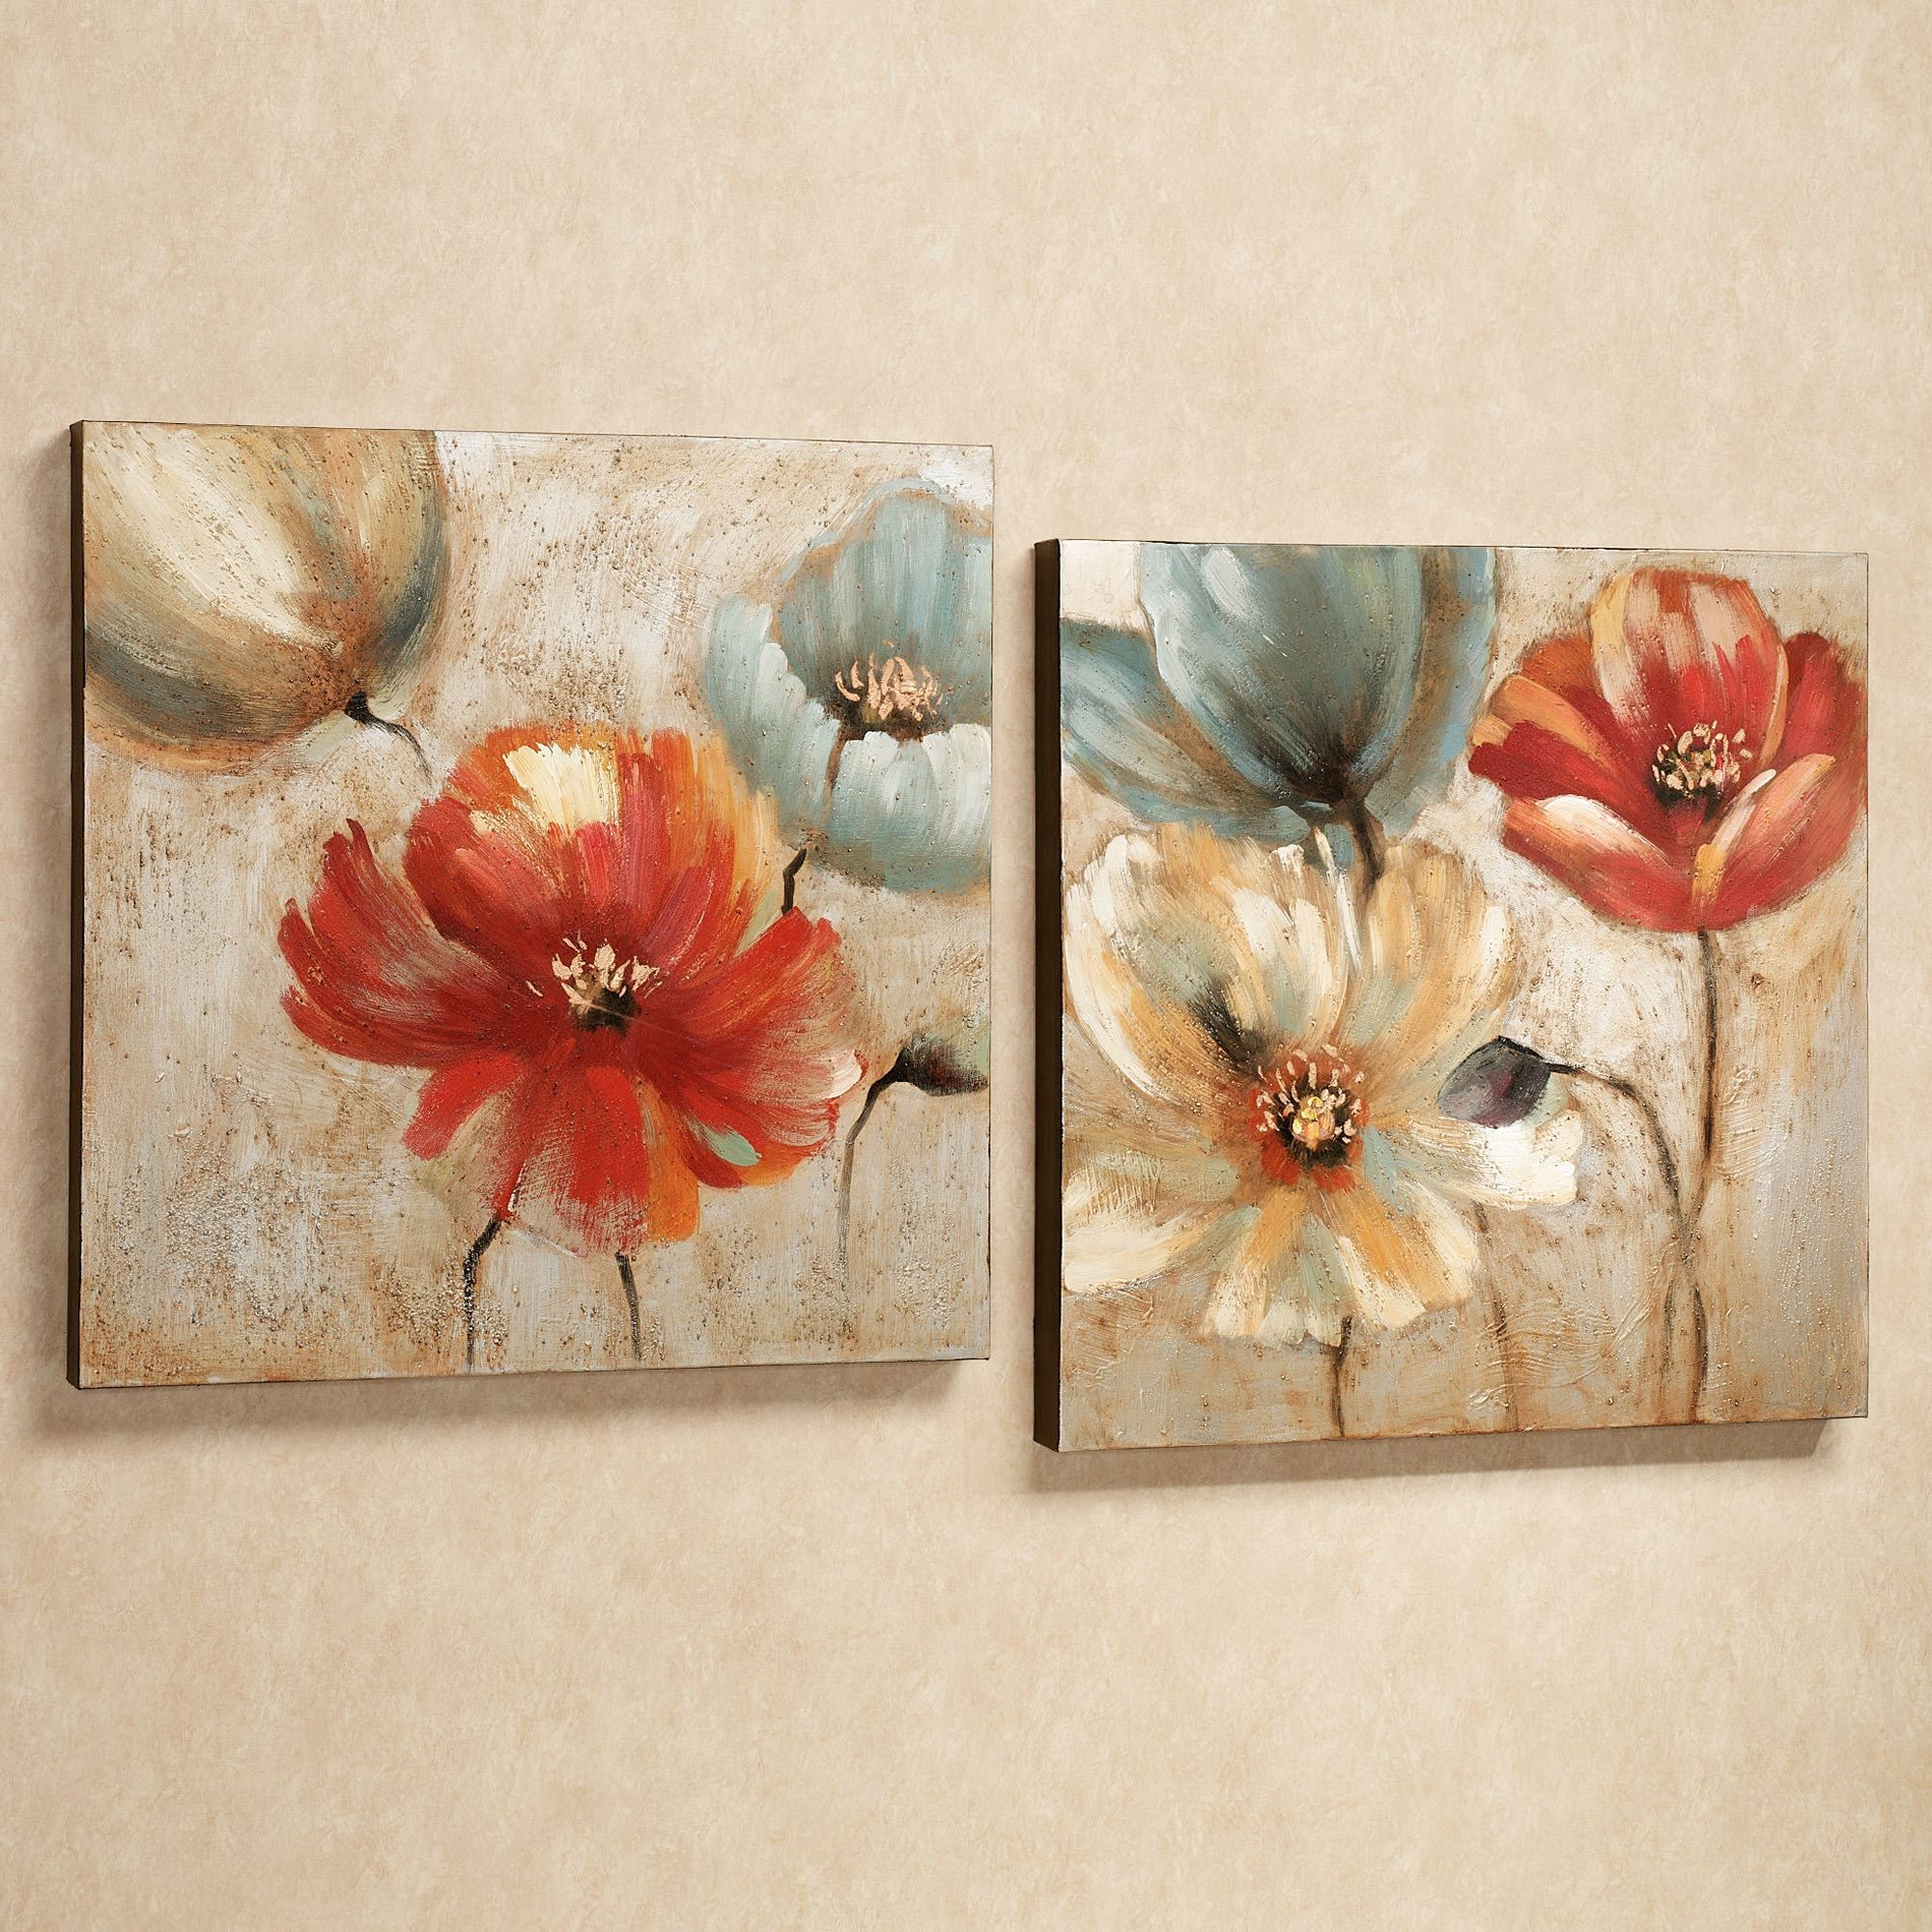 Floral Canvas Wall Art joyful garden floral canvas wall art set | wall art sets, canvas